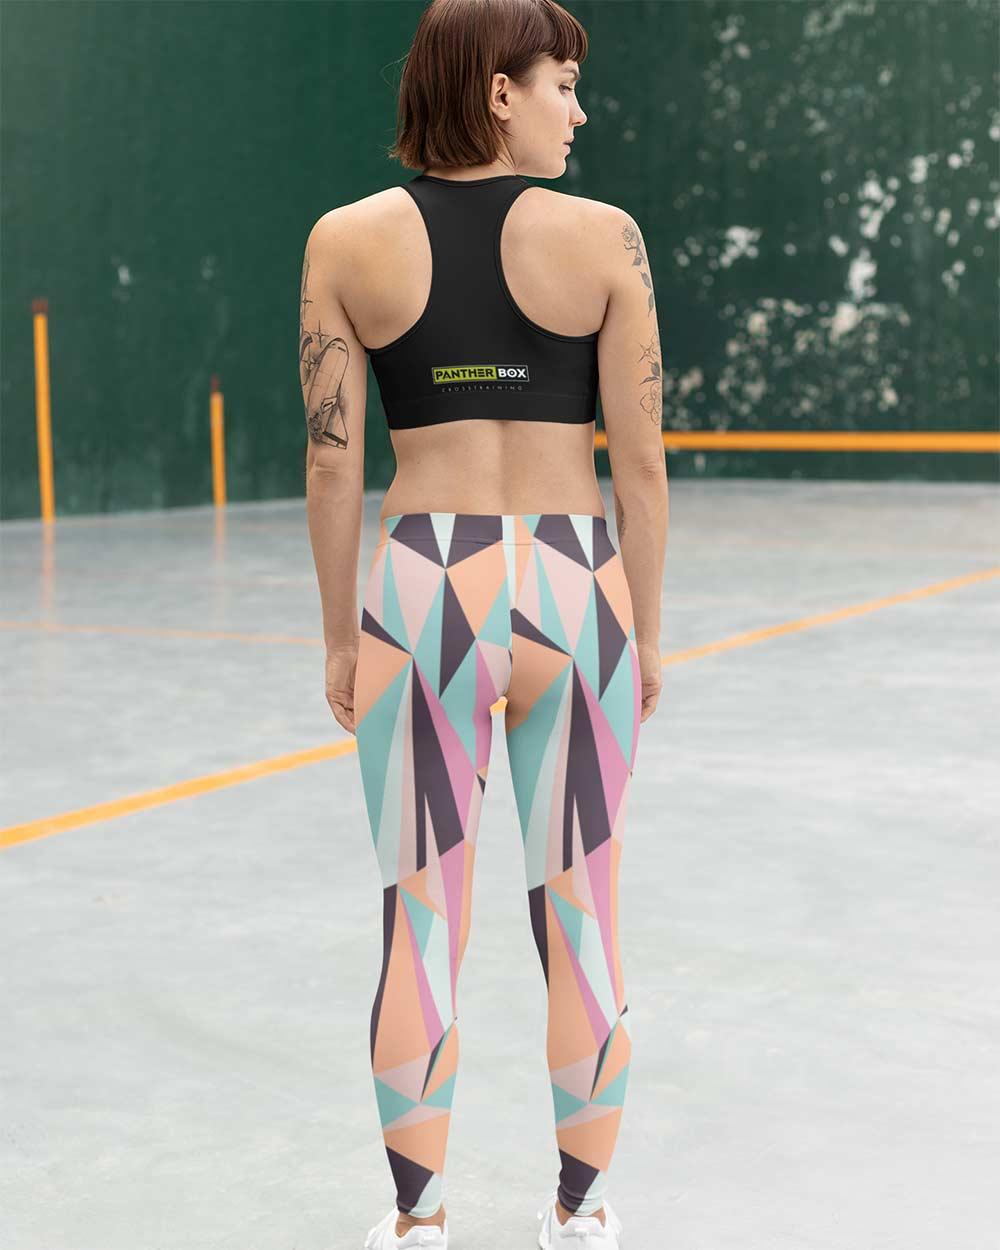 Mujeres en el gimnasio de crossfit con un diseño genial de leggins